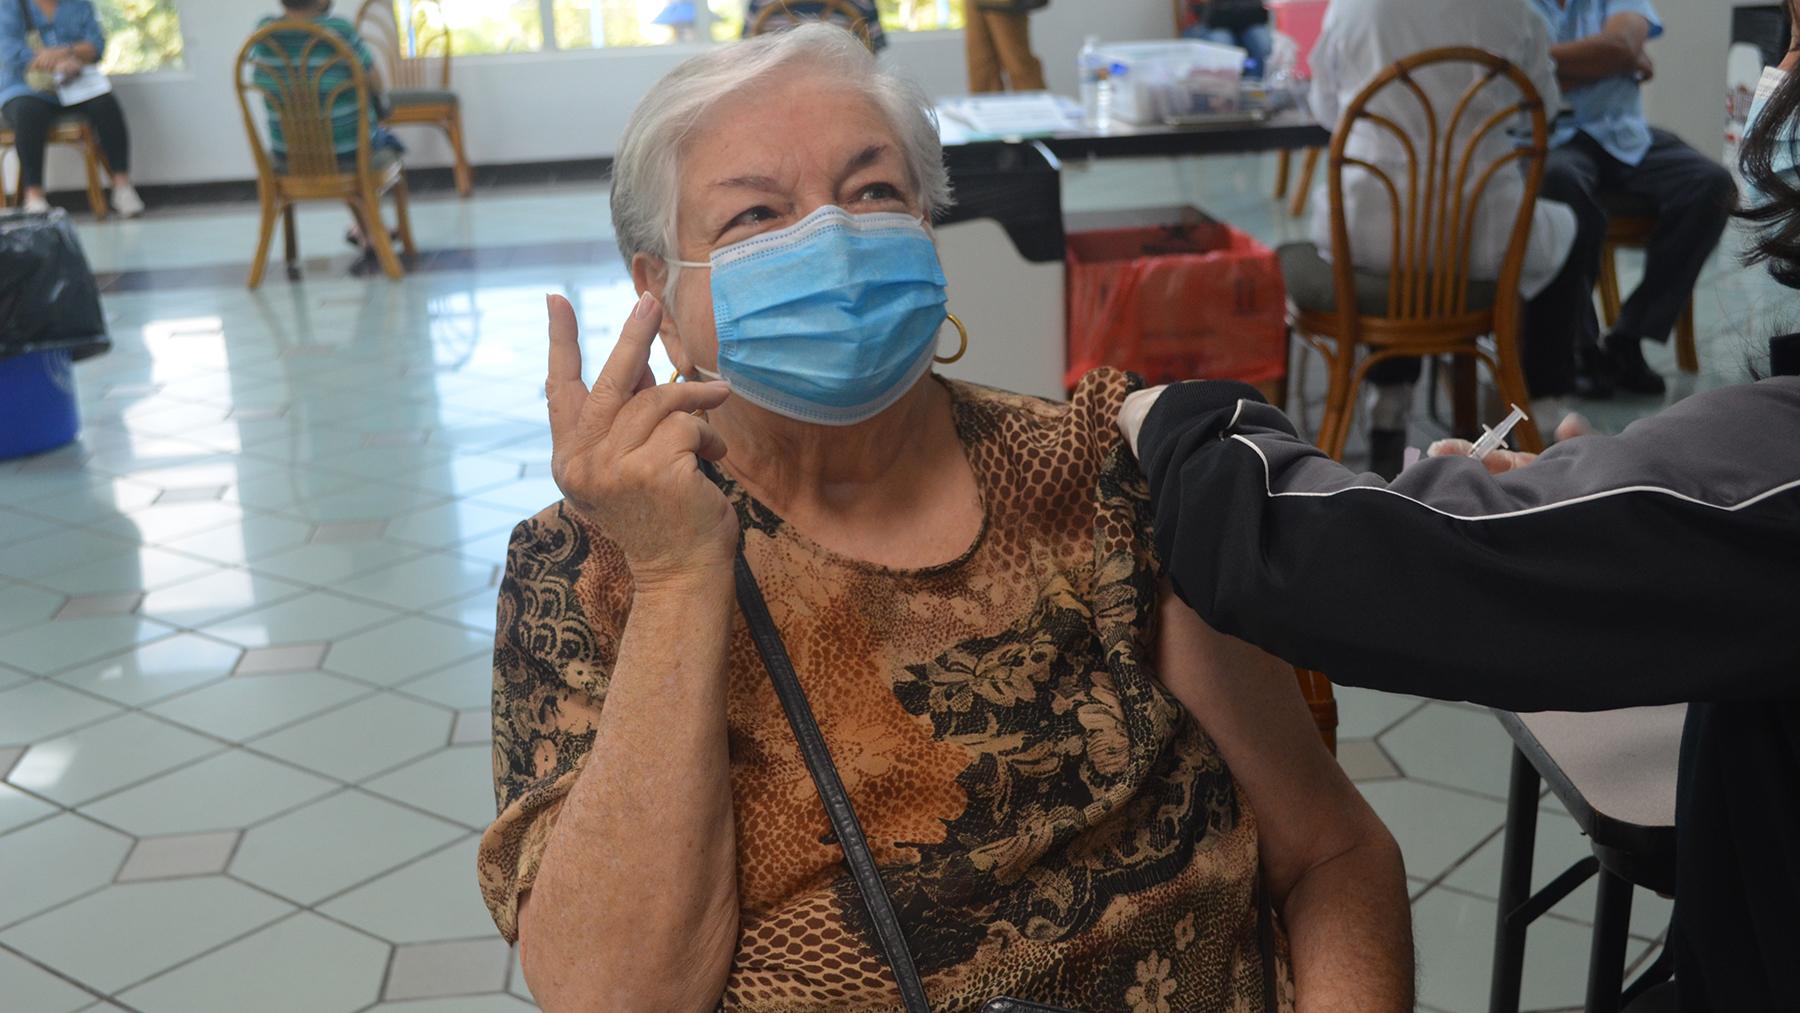 Kenia Arana recibe la vacuna del Covid-19 en el Centro Cultural Yolanda Guerrero en Guaynabo. (Ana Umpierre/Direct Relief)